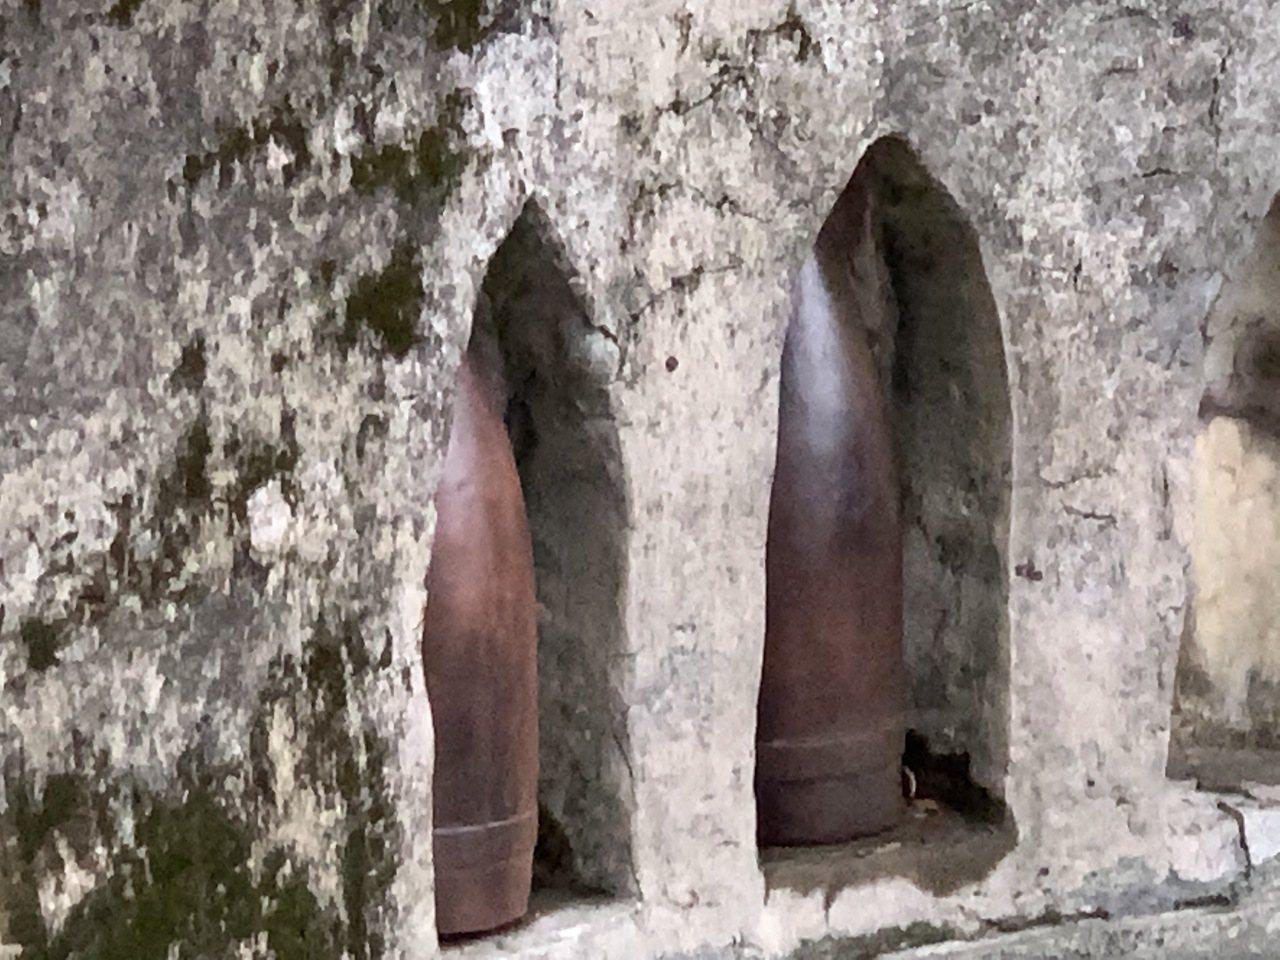 滬尾礮臺在砲位儲彈孔也復刻多個砲彈,重現清法戰爭時戰備的樣貌。記者洪哲政/攝影